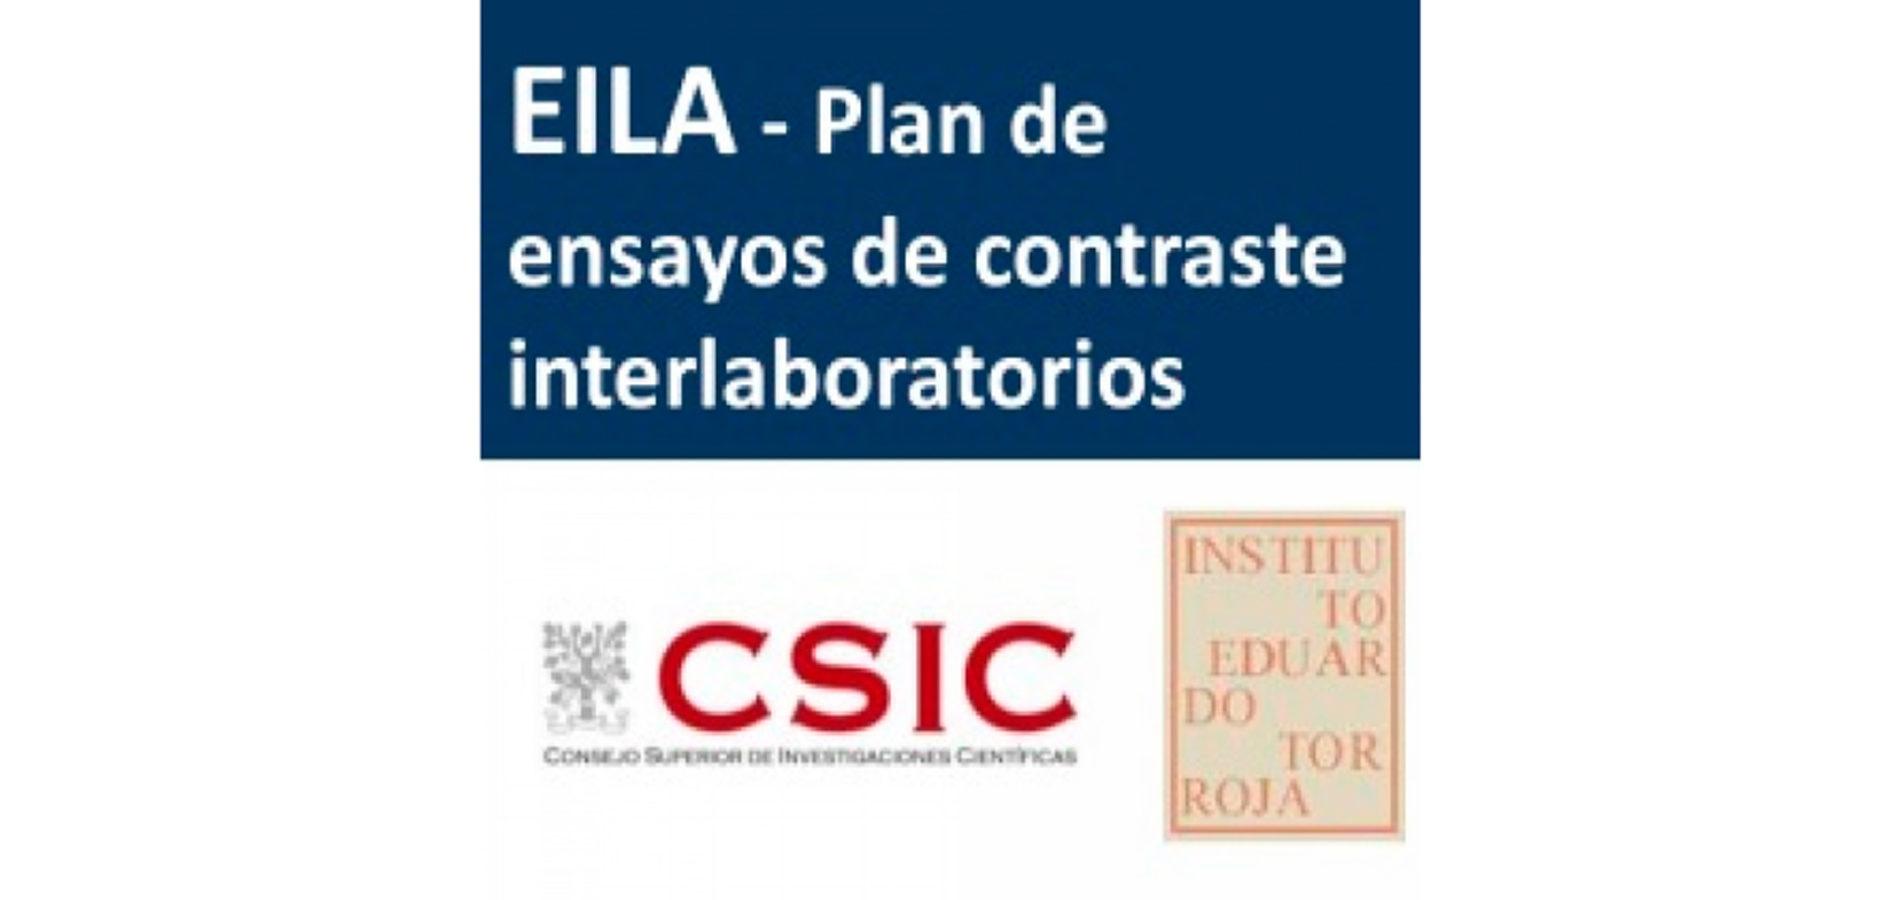 Jornada gratuita sobre el Nuevo Código Estructural y el Plan EILA